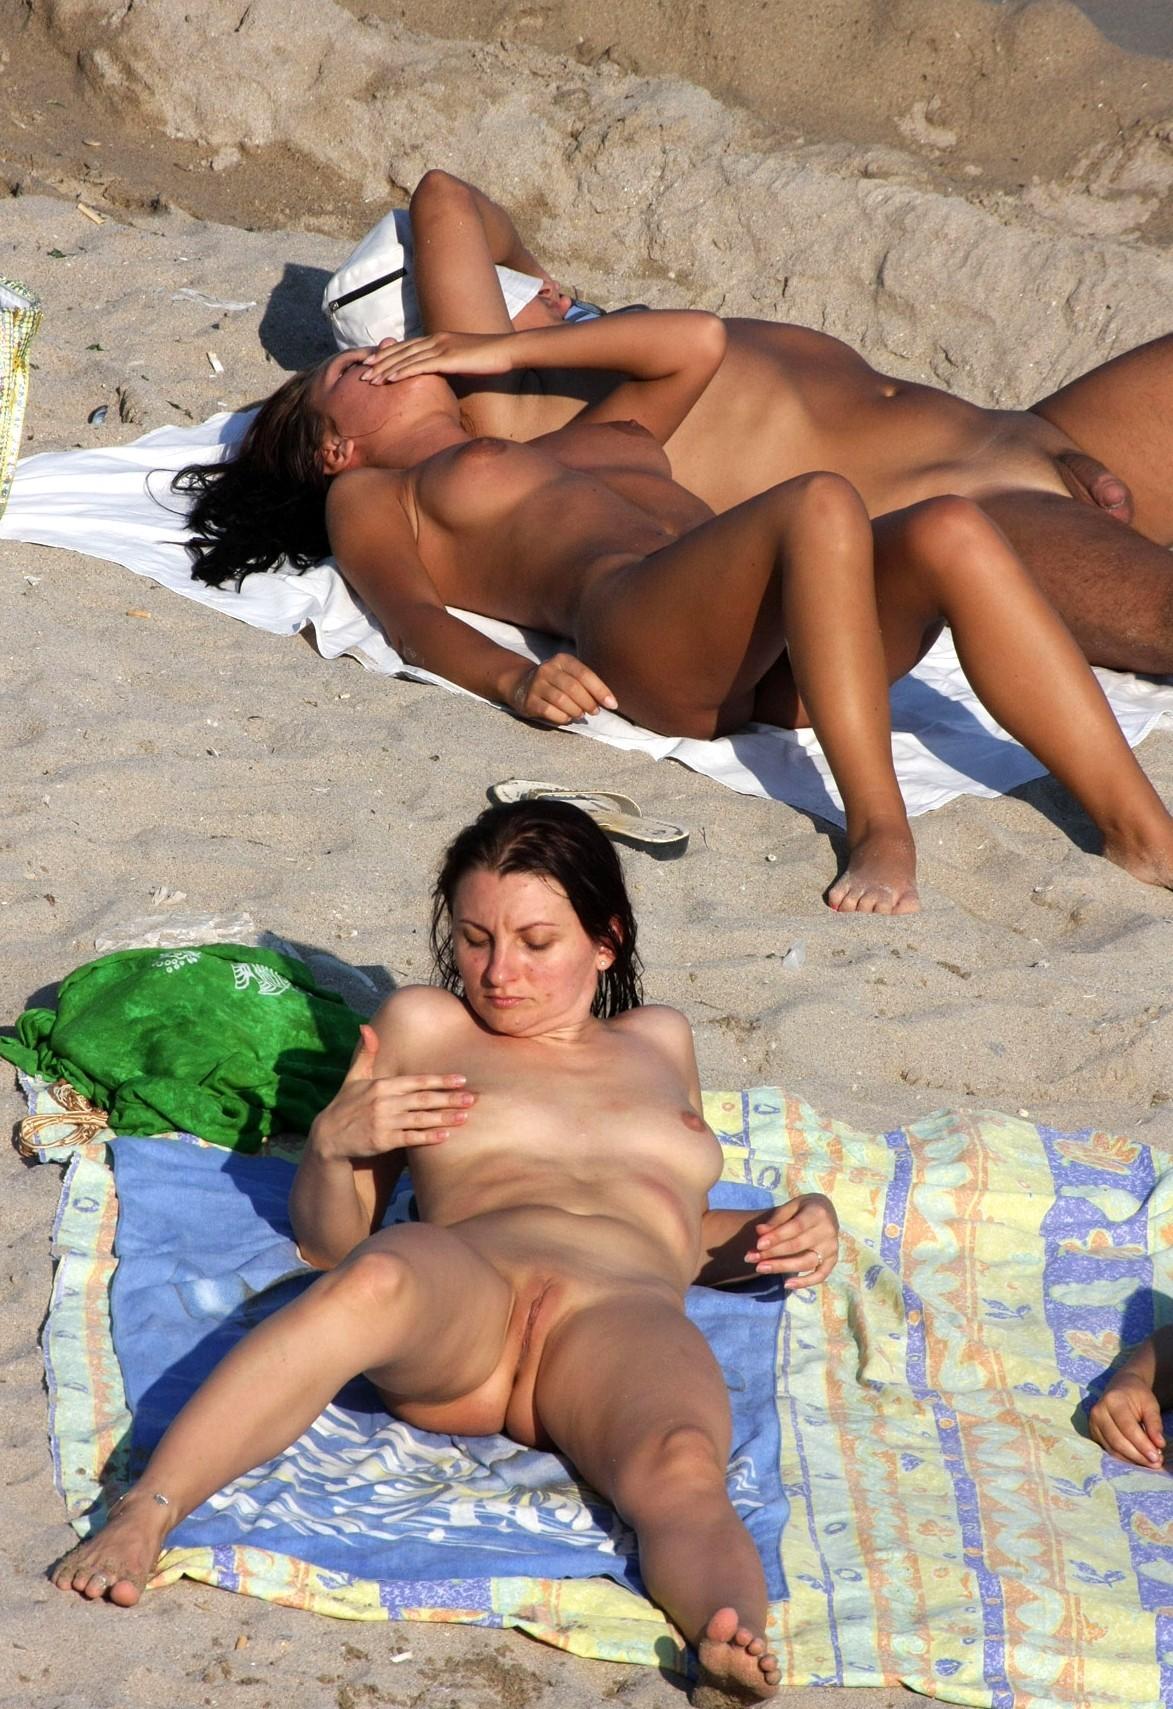 nudists-girls-boobs-beach-topless-mix-vol7-37